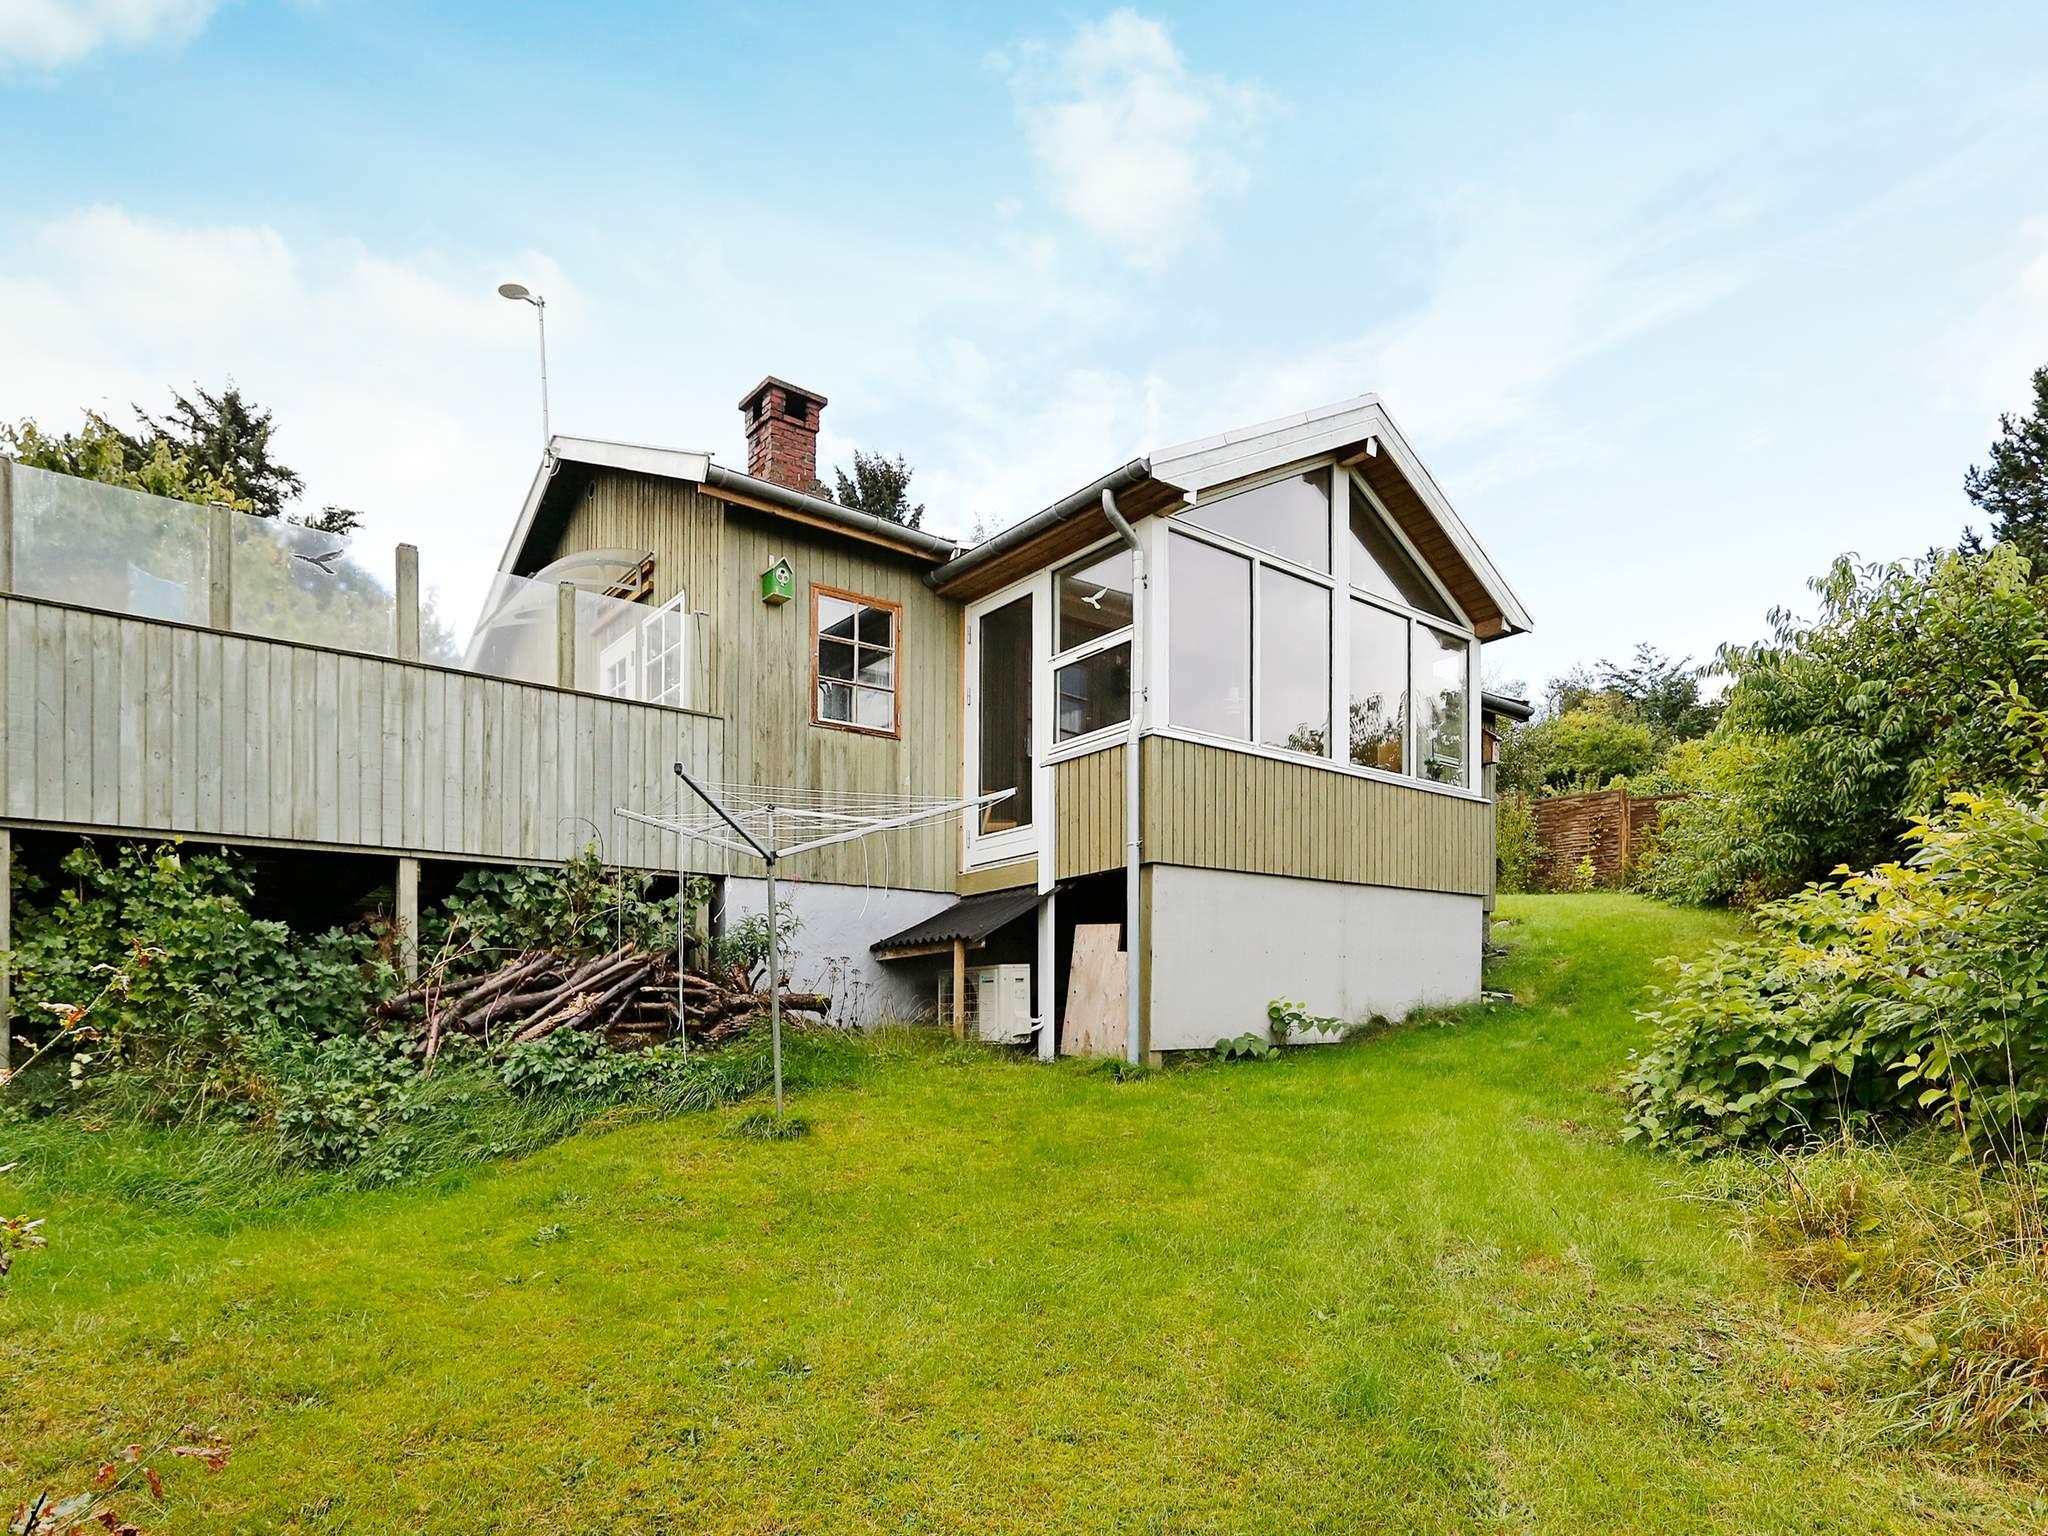 Ferienhaus Rågeleje (921041), Rågeleje, , Nordseeland, Dänemark, Bild 31